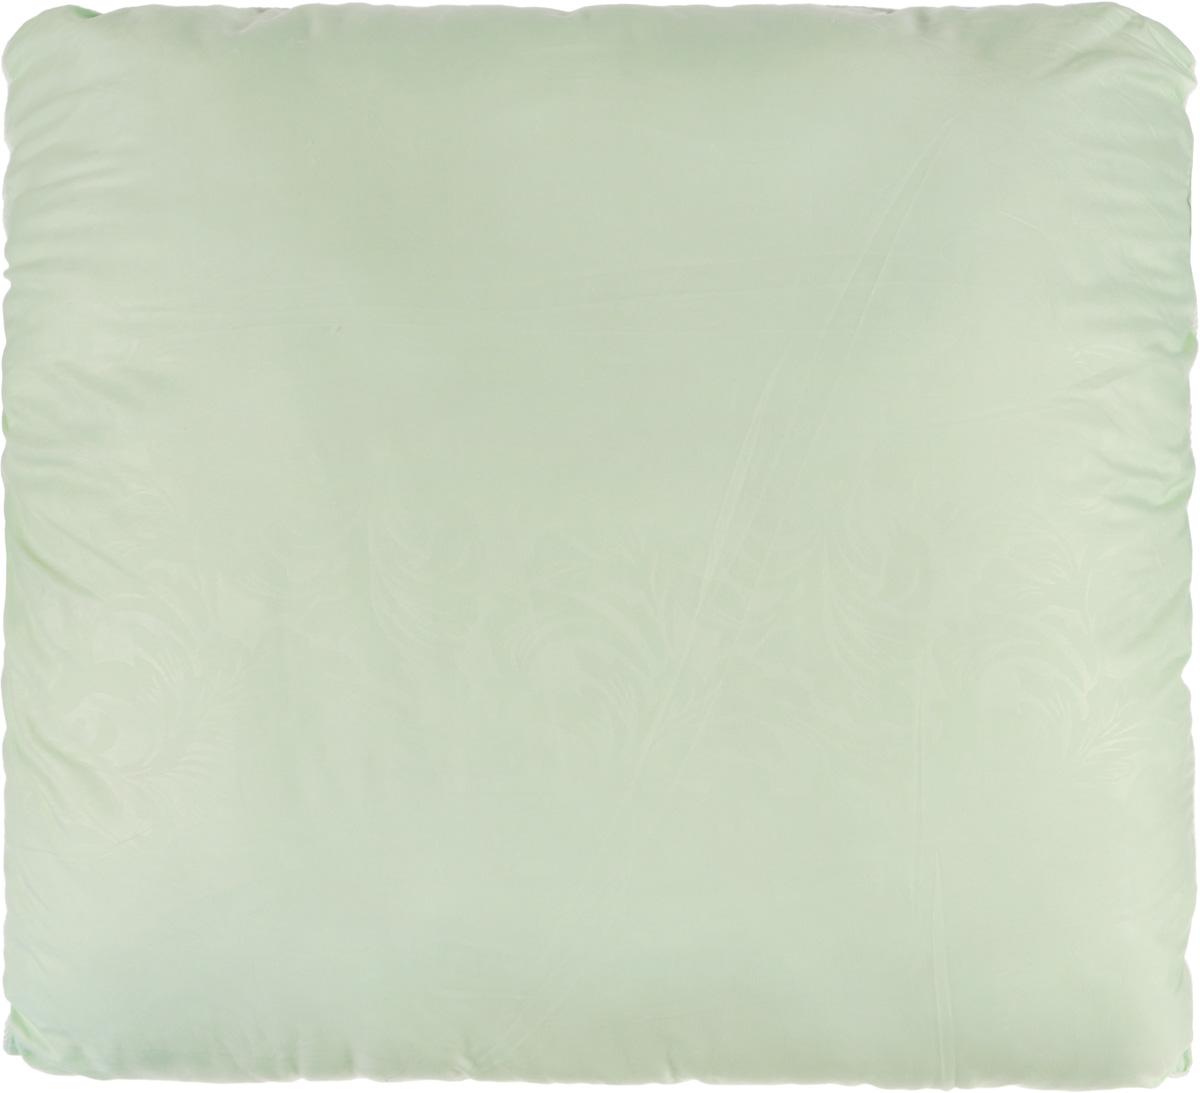 Подушка Smart Textile Безмятежность, наполнитель: лебяжий пух, цвет: светло-зеленый, 70 х 70 смВZ27Удобная и мягкая подушка Smart Textile Безмятежность подарит здоровый сон и отличный отдых. Чехол подушки на молнии выполнен из микрофибры с красивым узором. В качестве наполнителя используется лебяжий пух.Лебяжий пух - это 100% сверхтонкое высокосиликонизированное волокно. Такой наполнитель мягкий, приятный на ощупь и гипоаллергенный. Подушка удобна в эксплуатации: легко стирается, быстро сохнет, сохраняя первоначальные свойства, устойчива к воздействию прямых солнечных лучей, износостойка и прочна. Изделие обладает высокой теплоизоляционной способностью - не вызывает перегрева головы.Подушка обеспечит правильную поддержку головы и шеи во время сна. Наполнитель не сбивается в комки и сохраняет тепло. Подушка с этим наполнителем подойдет людям, склонным к аллергии, так как отталкивает пыль и не впитывает запахи.